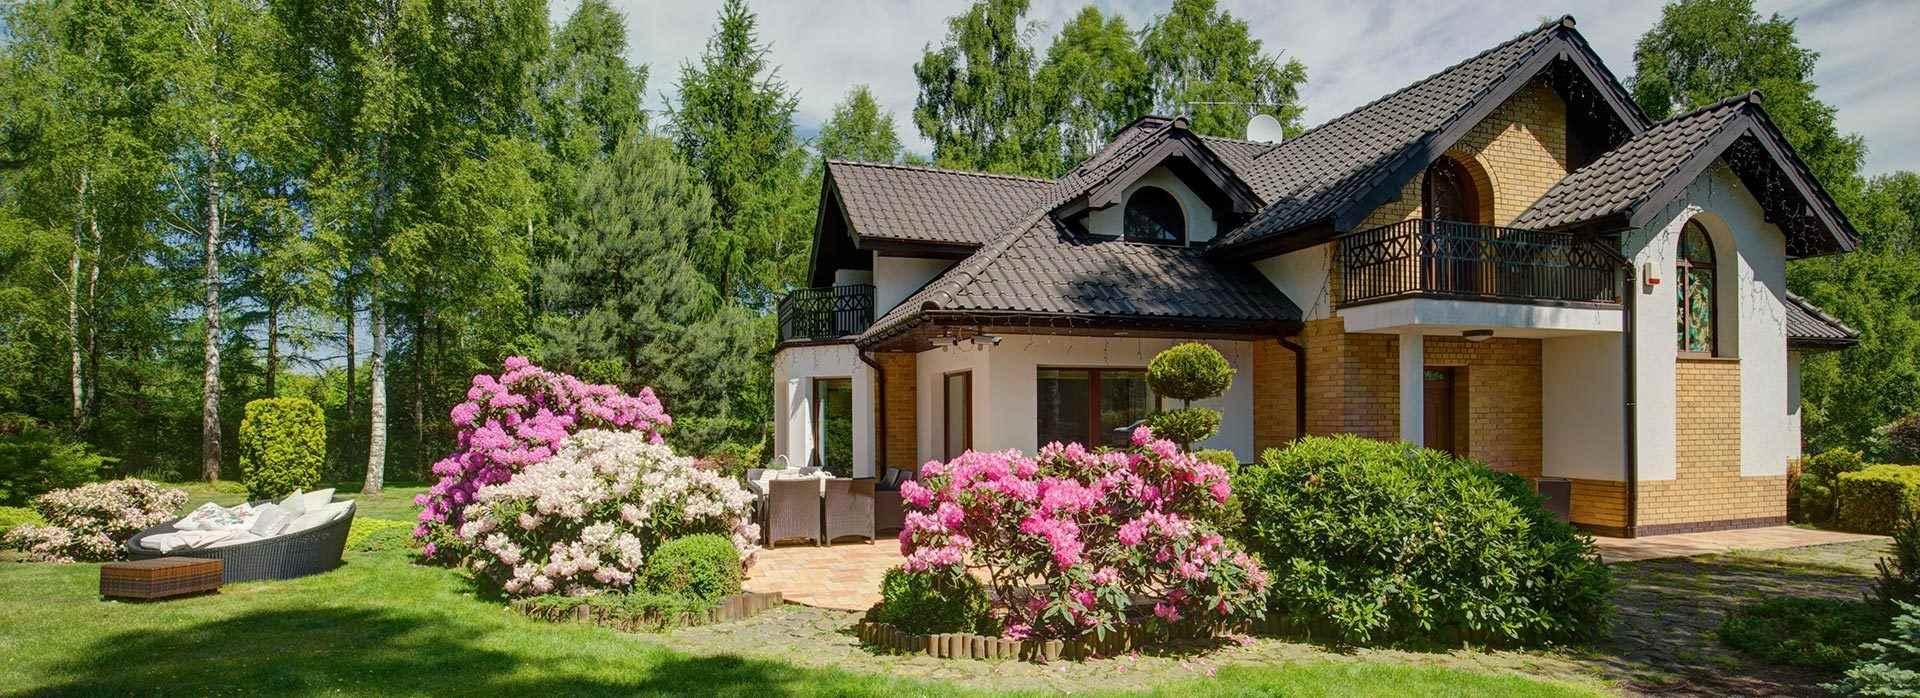 Строительство коттеджей и загородных домов в СПб и Ленинградской области